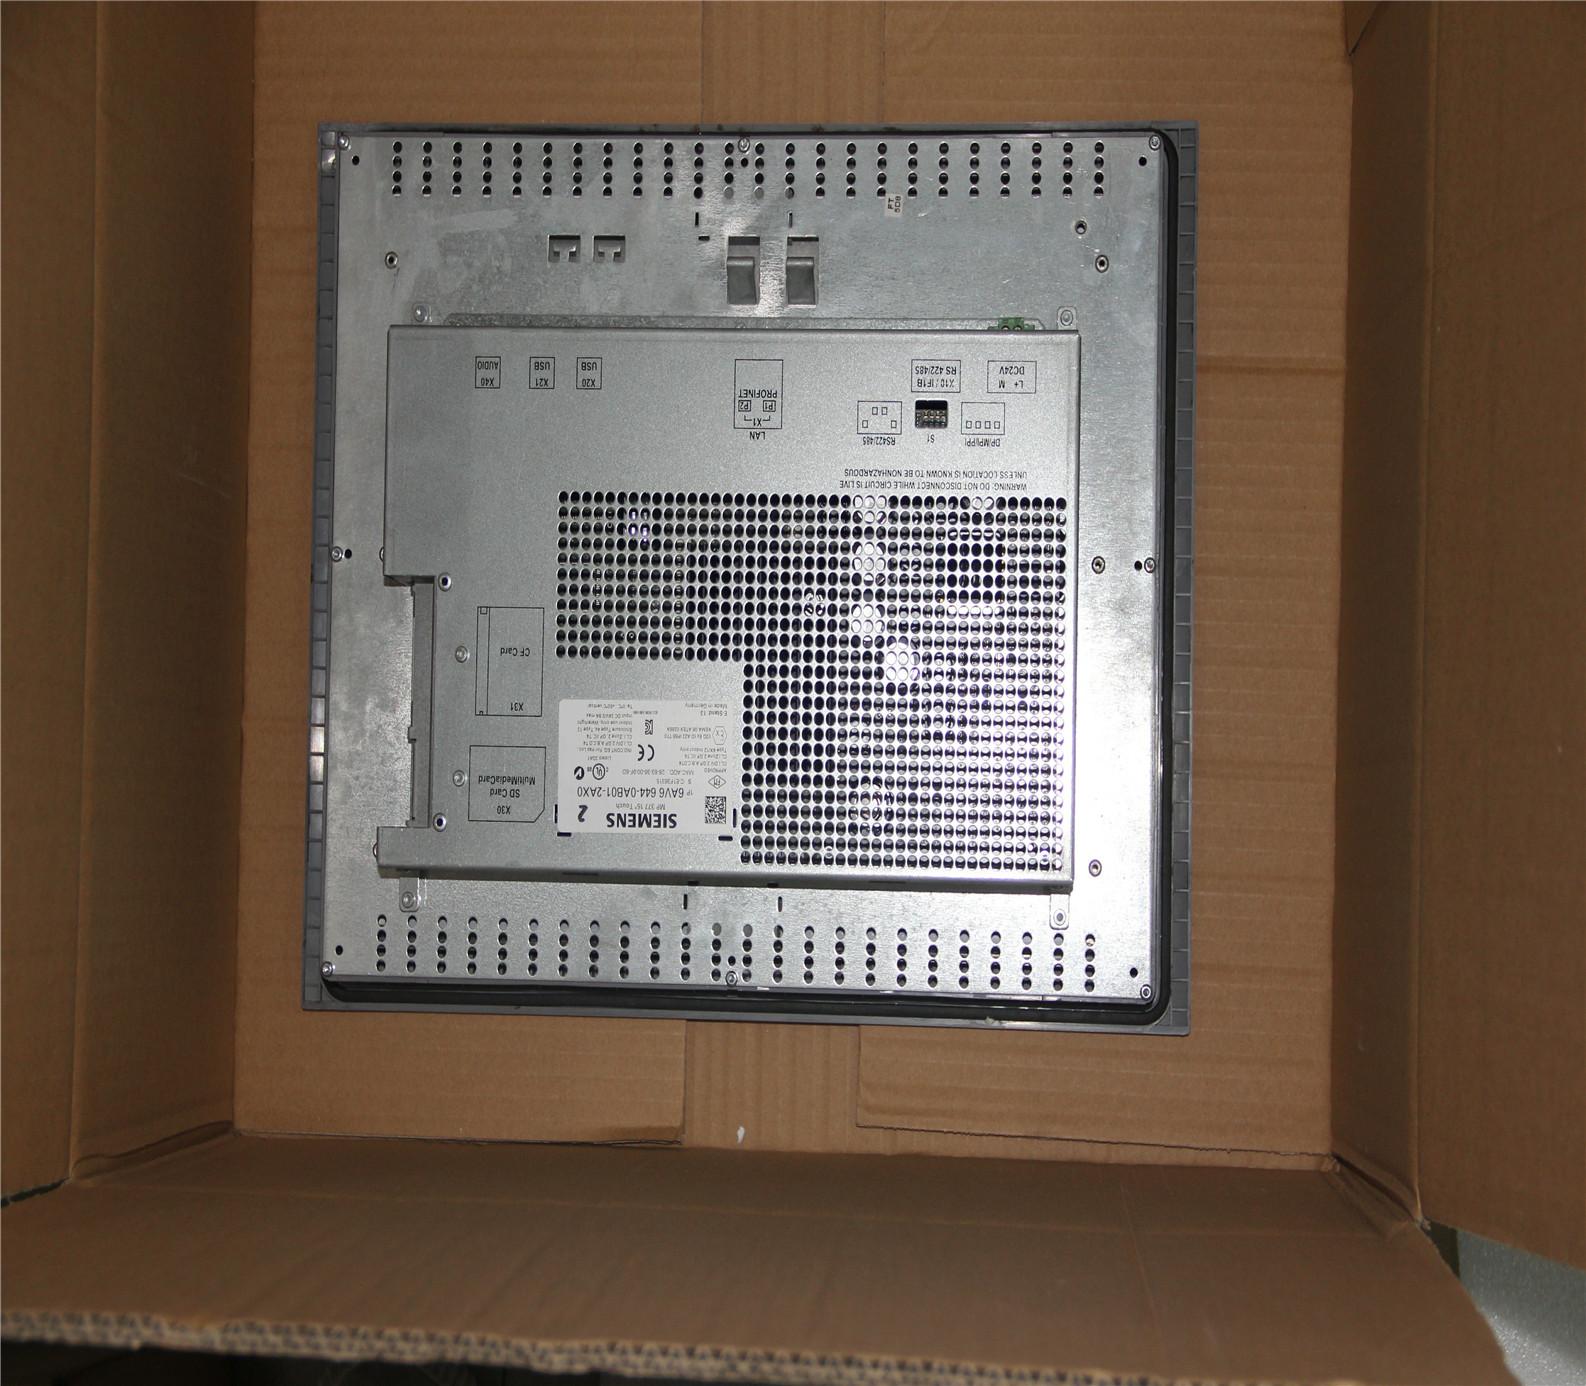 6EC1001-OA